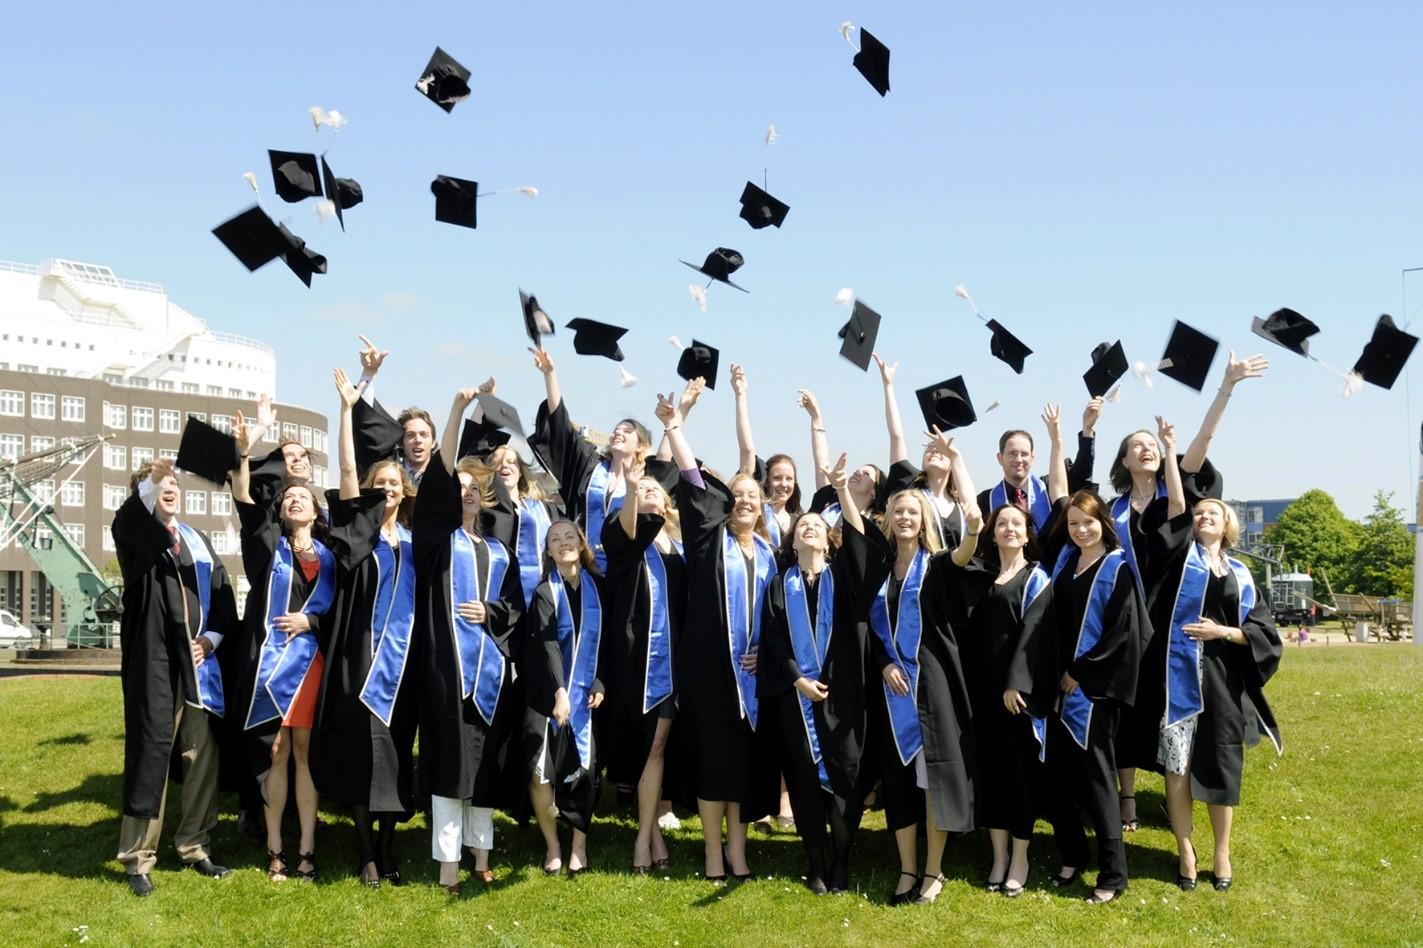 Sinh viên tốt nghiệp đại học Ireland được thế giới công nhận và đánh giá cao